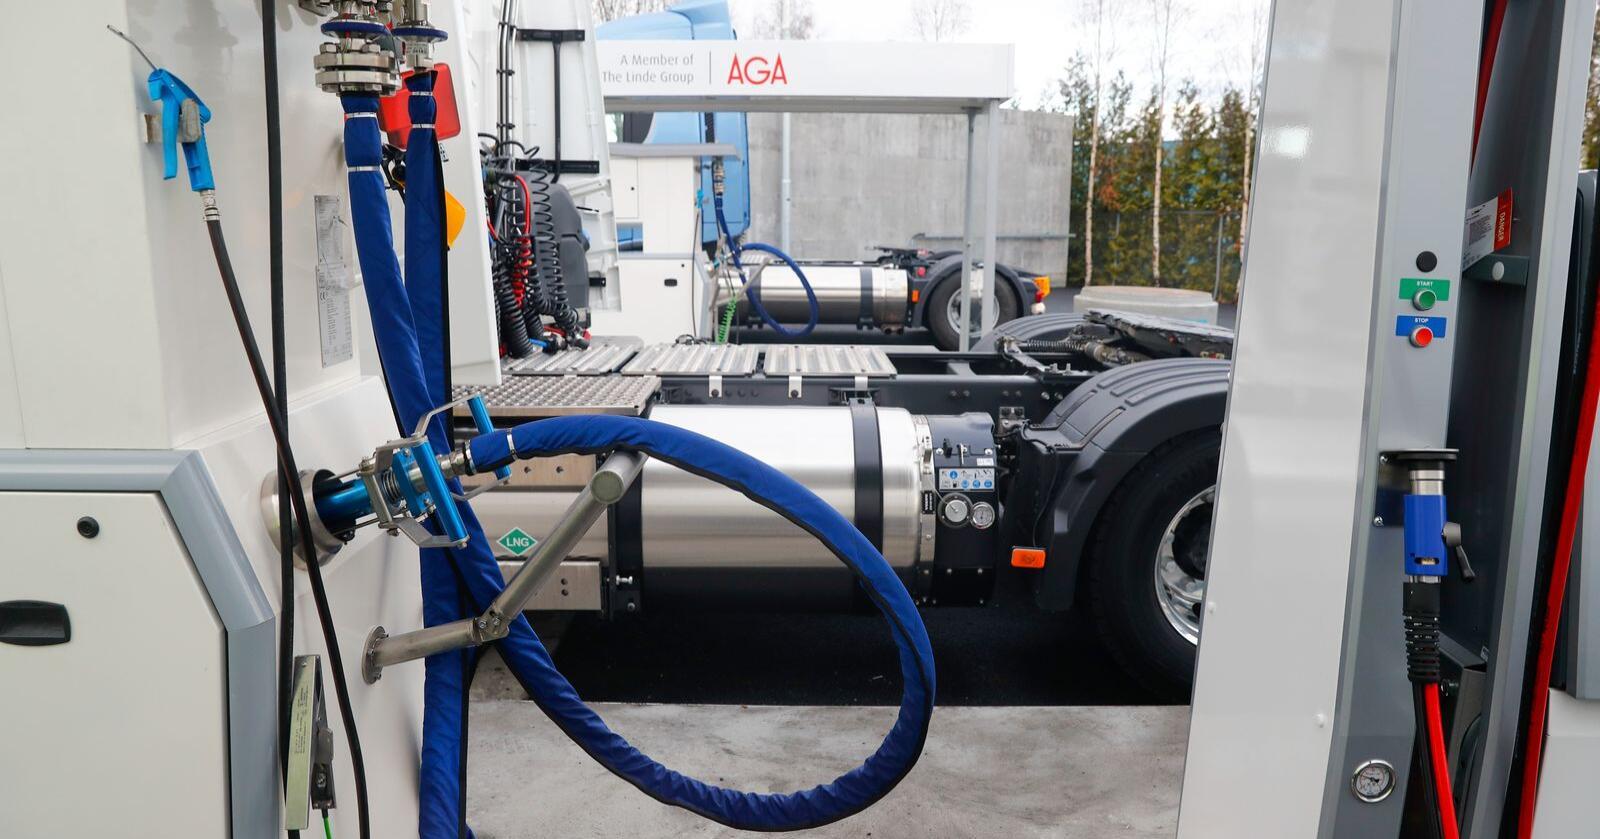 På Jæren planlegges det nå en ny gigantisk fabrikk for produksjon av biogass og -drivstoff. Illustrasjonsfoto: Cornelius Poppe / NTB scanpix